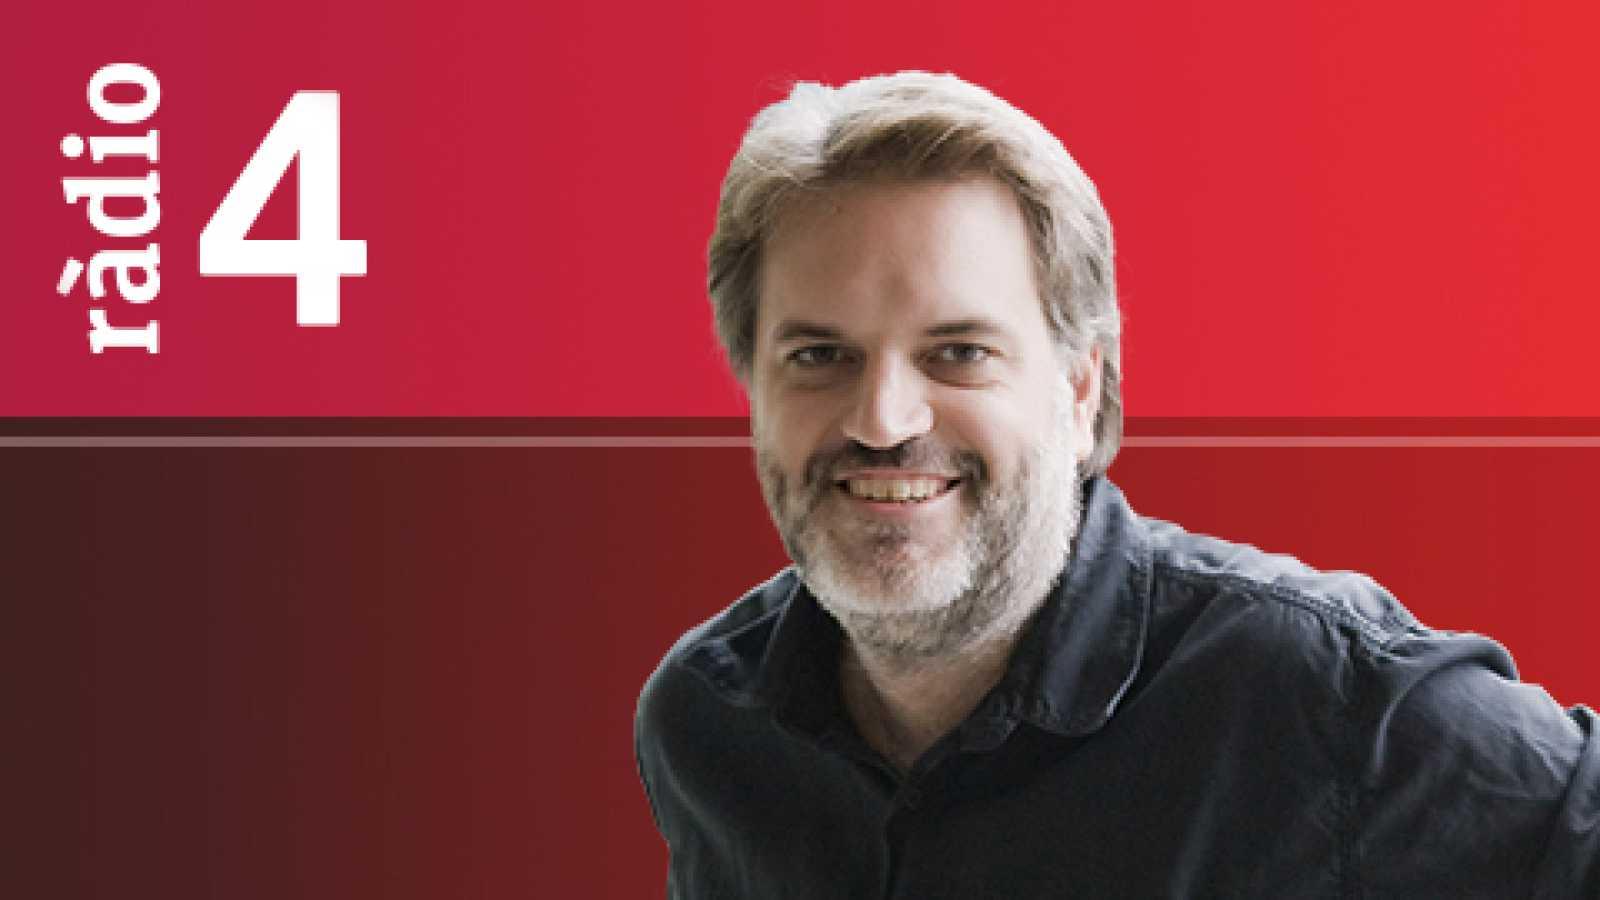 El mtí a Ràdio 4 Tertúlia. Trucada d'actualitat. Análisi parlamentària